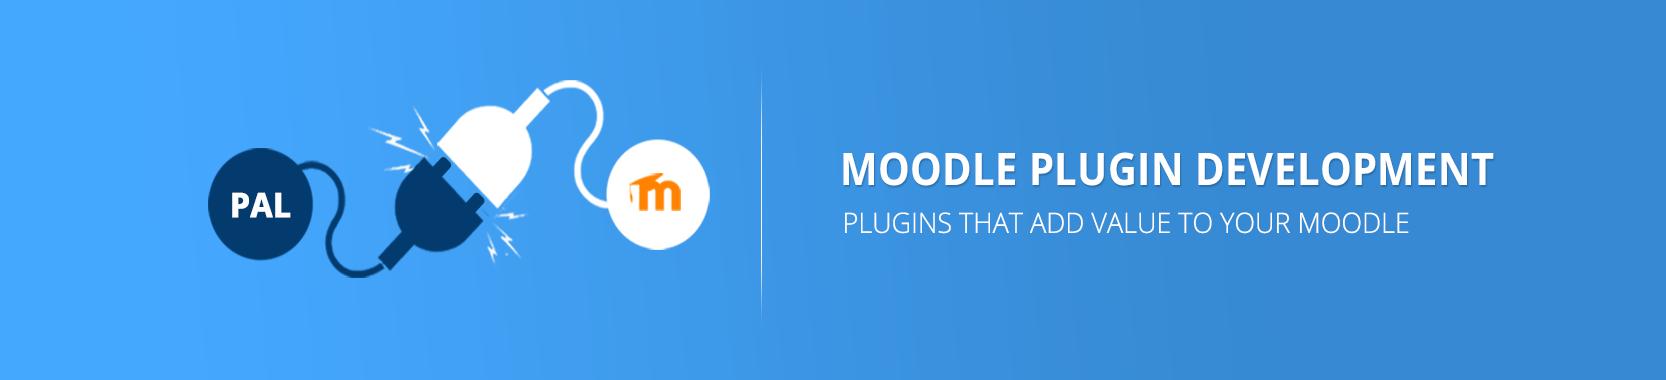 moodle-plugin